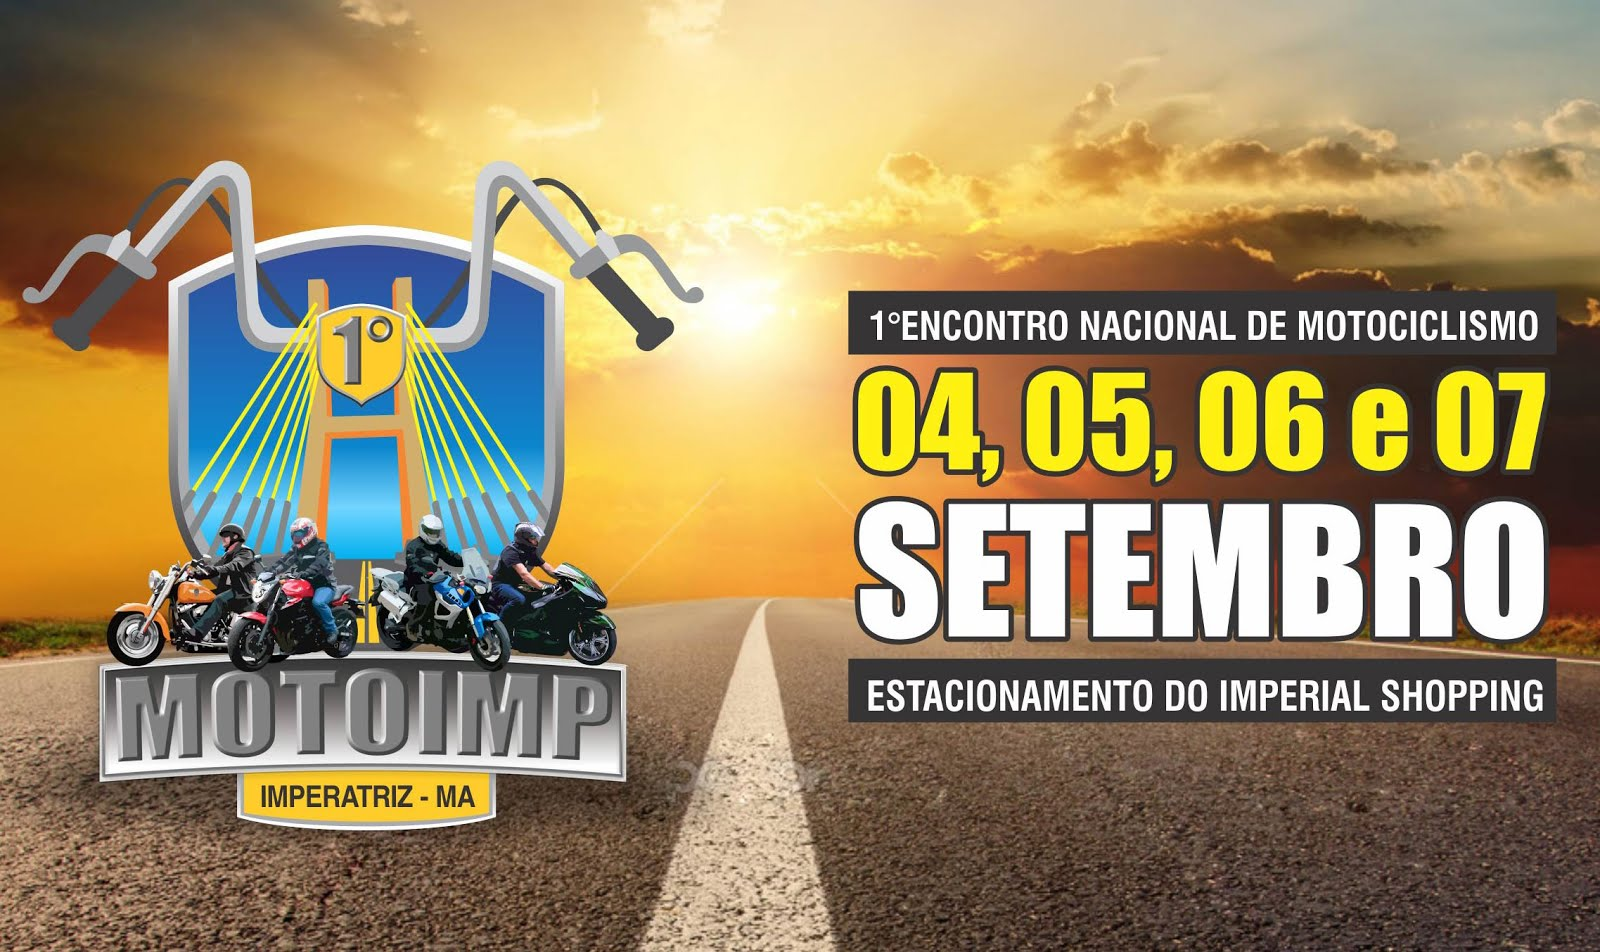 Evento nacional de motociclismo será lançado nesta sexta-feira em Imperatriz